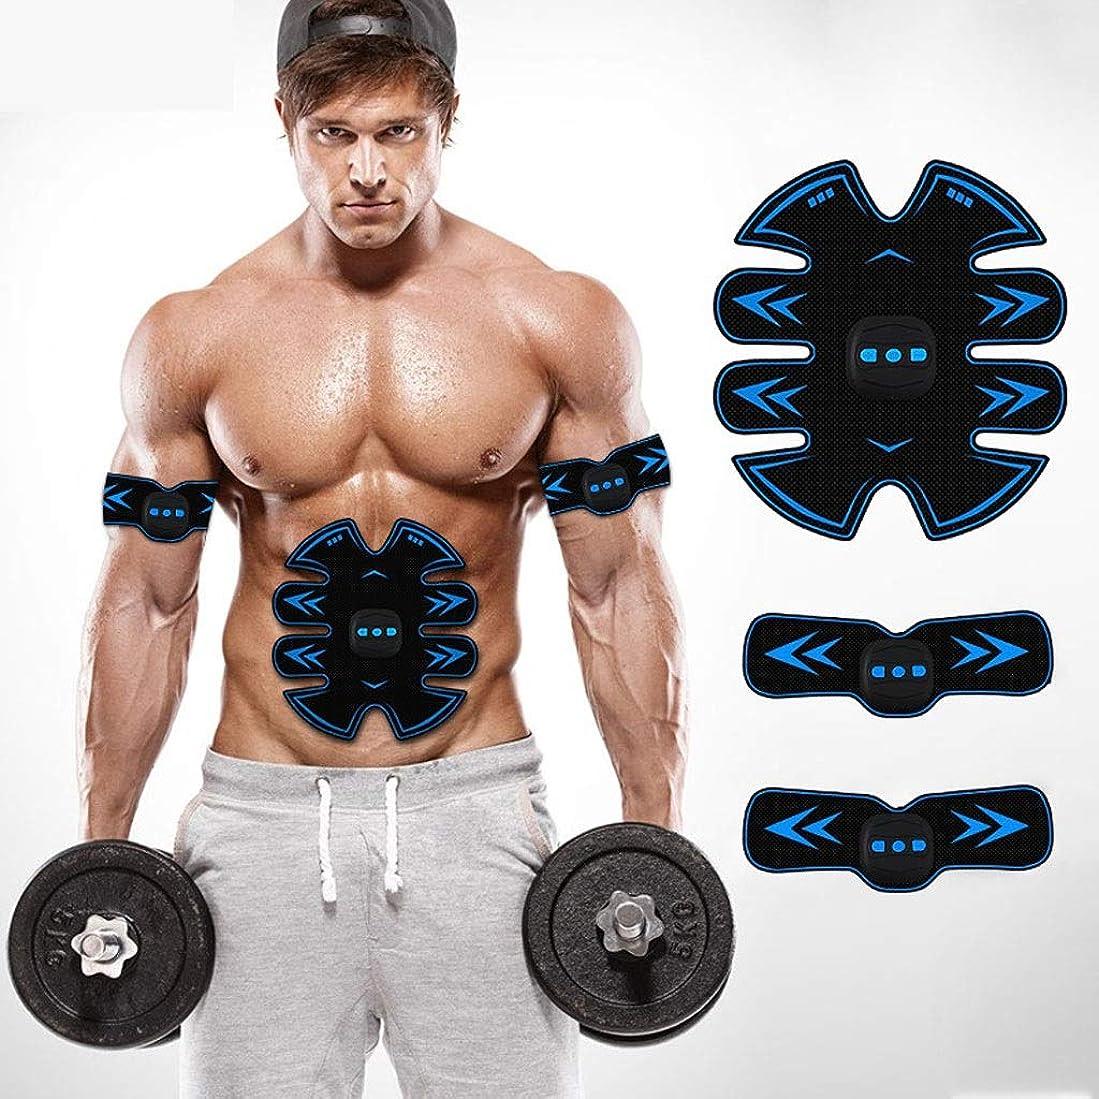 エンディング東部億Usb充電筋肉トナーabs abシミュレータ腹部調色ベルトワークアウトワイヤレスEMSトレーニングホームオフィス用腹部腕脚トレーニングホームオフィス (Color : Blue)